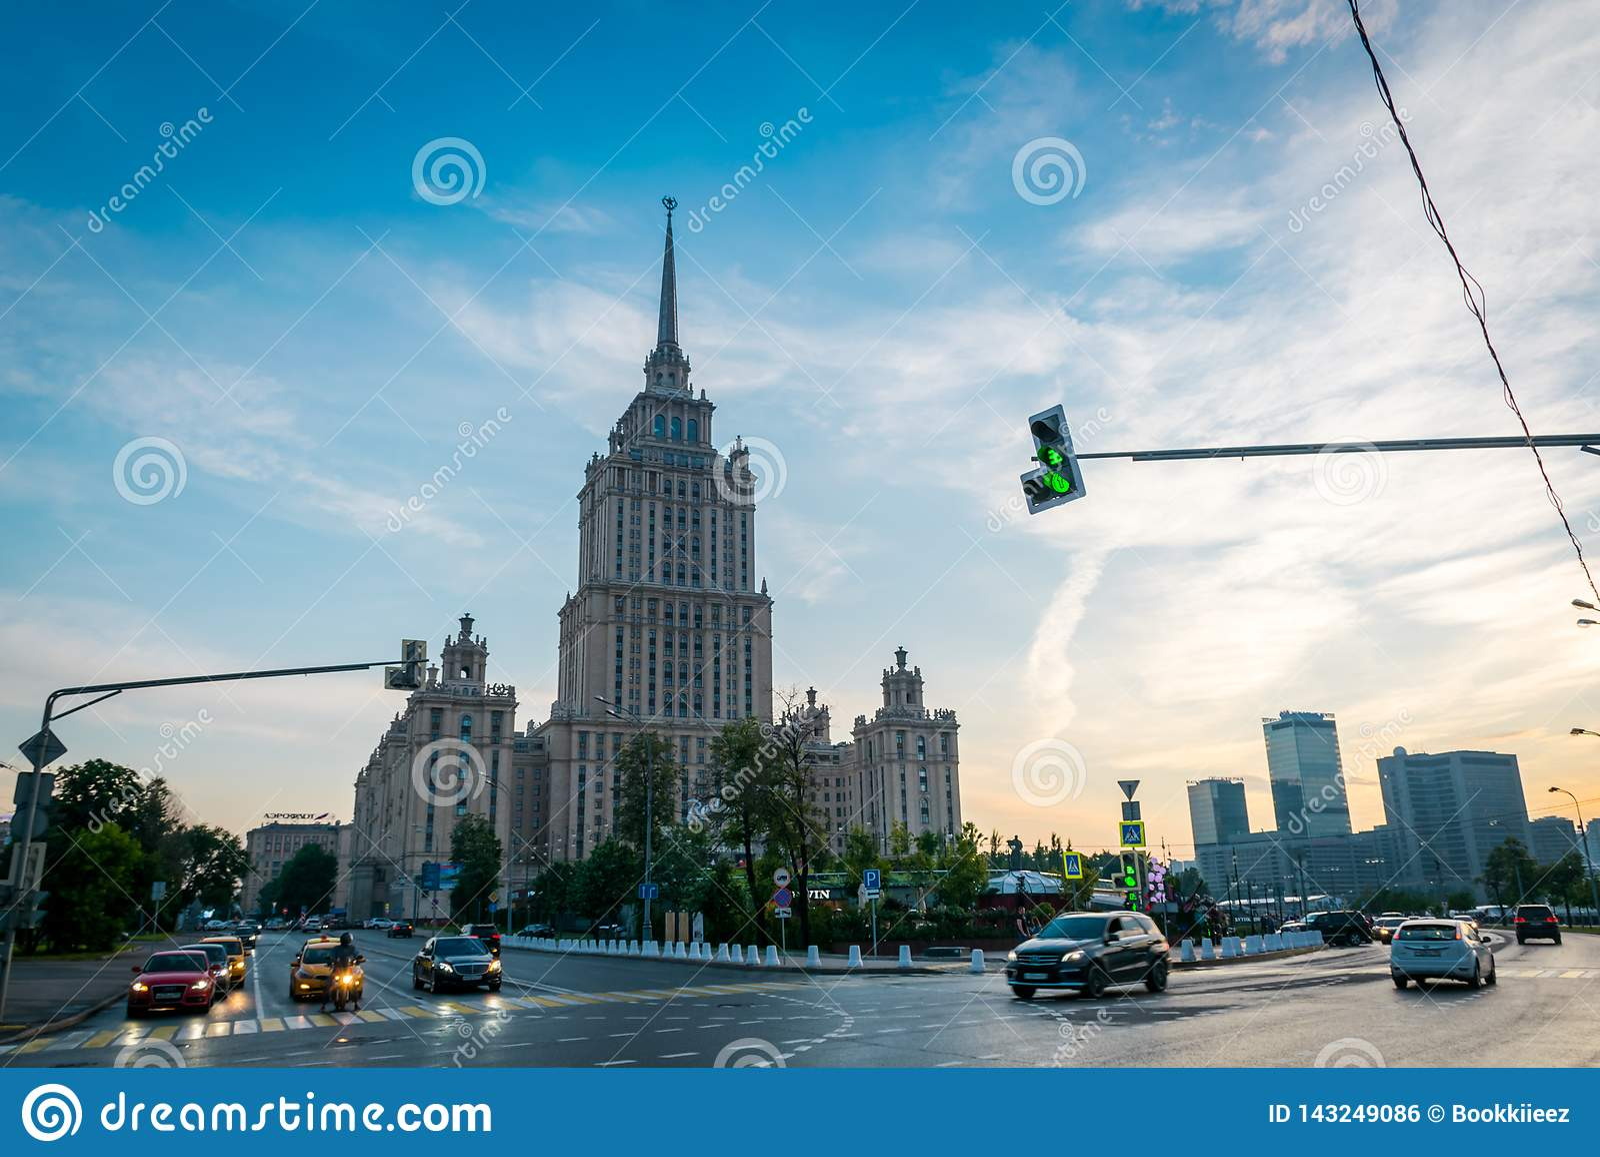 Το βασιλικό ξενοδοχείο Radisson στη Μόσχα, Ρωσία